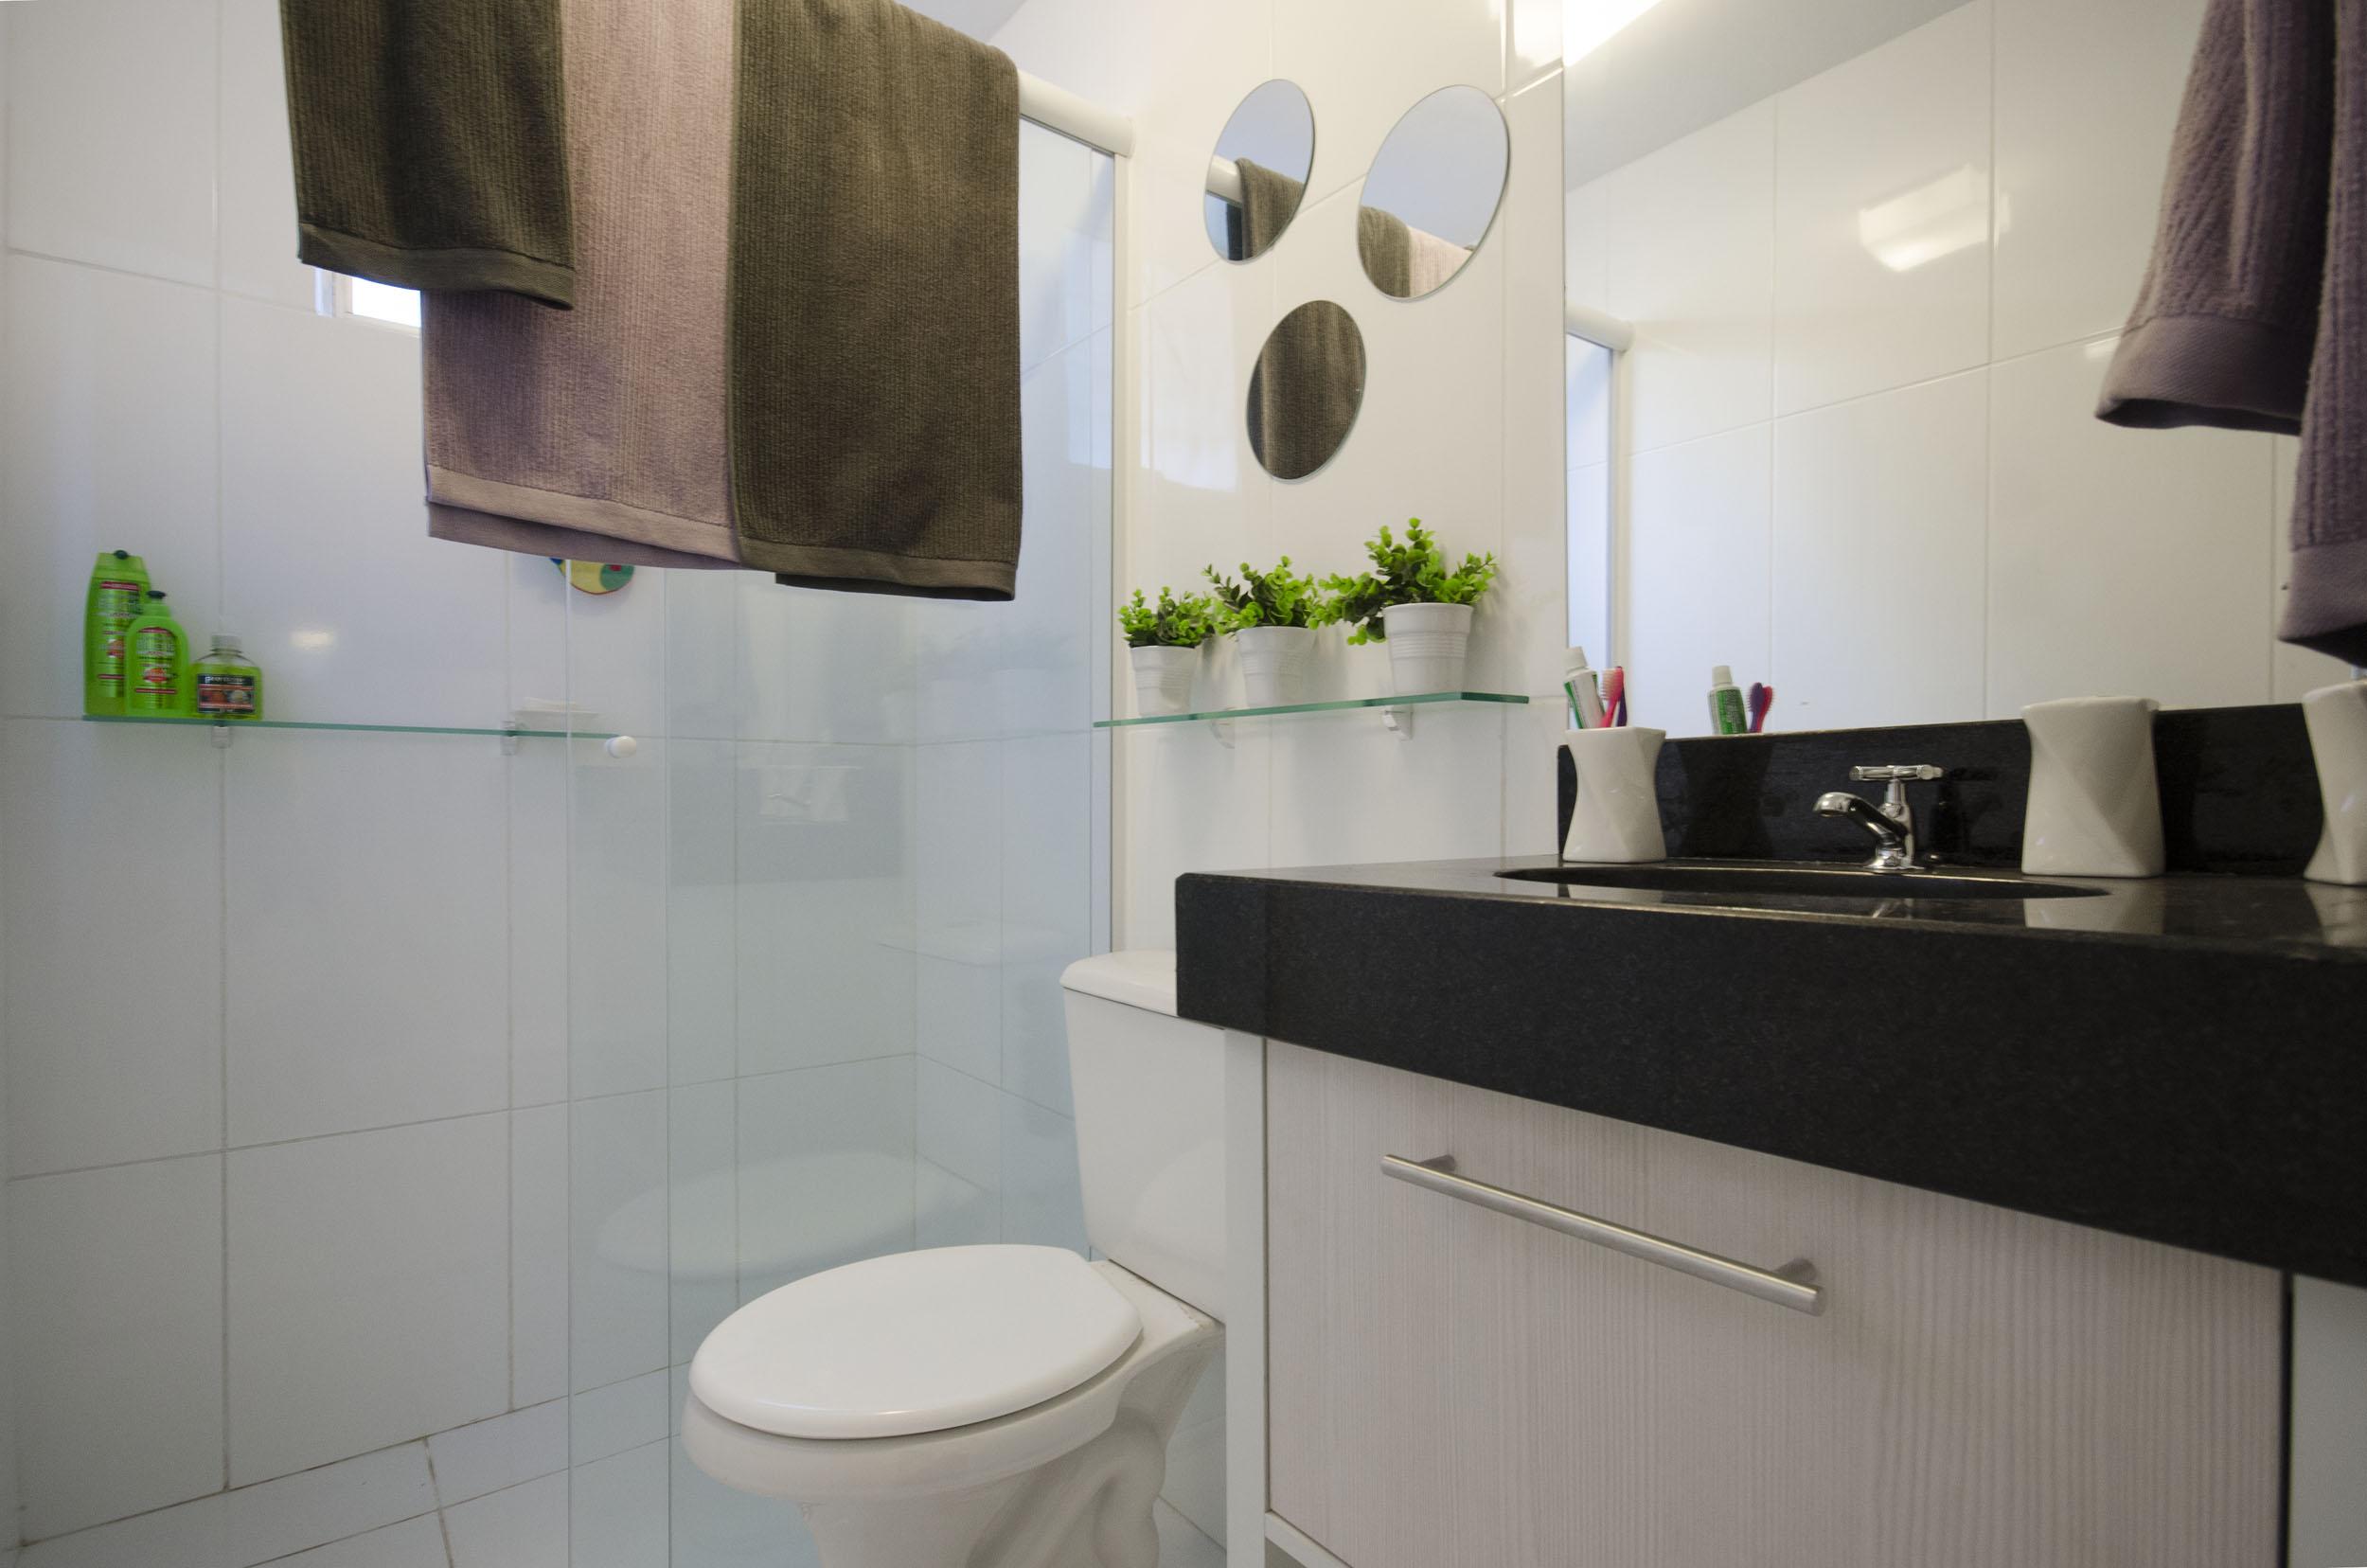 Segredos na decoração de banheiros pequenos  MRV Engenharia -> Acessorios Para Decoracao De Banheiro